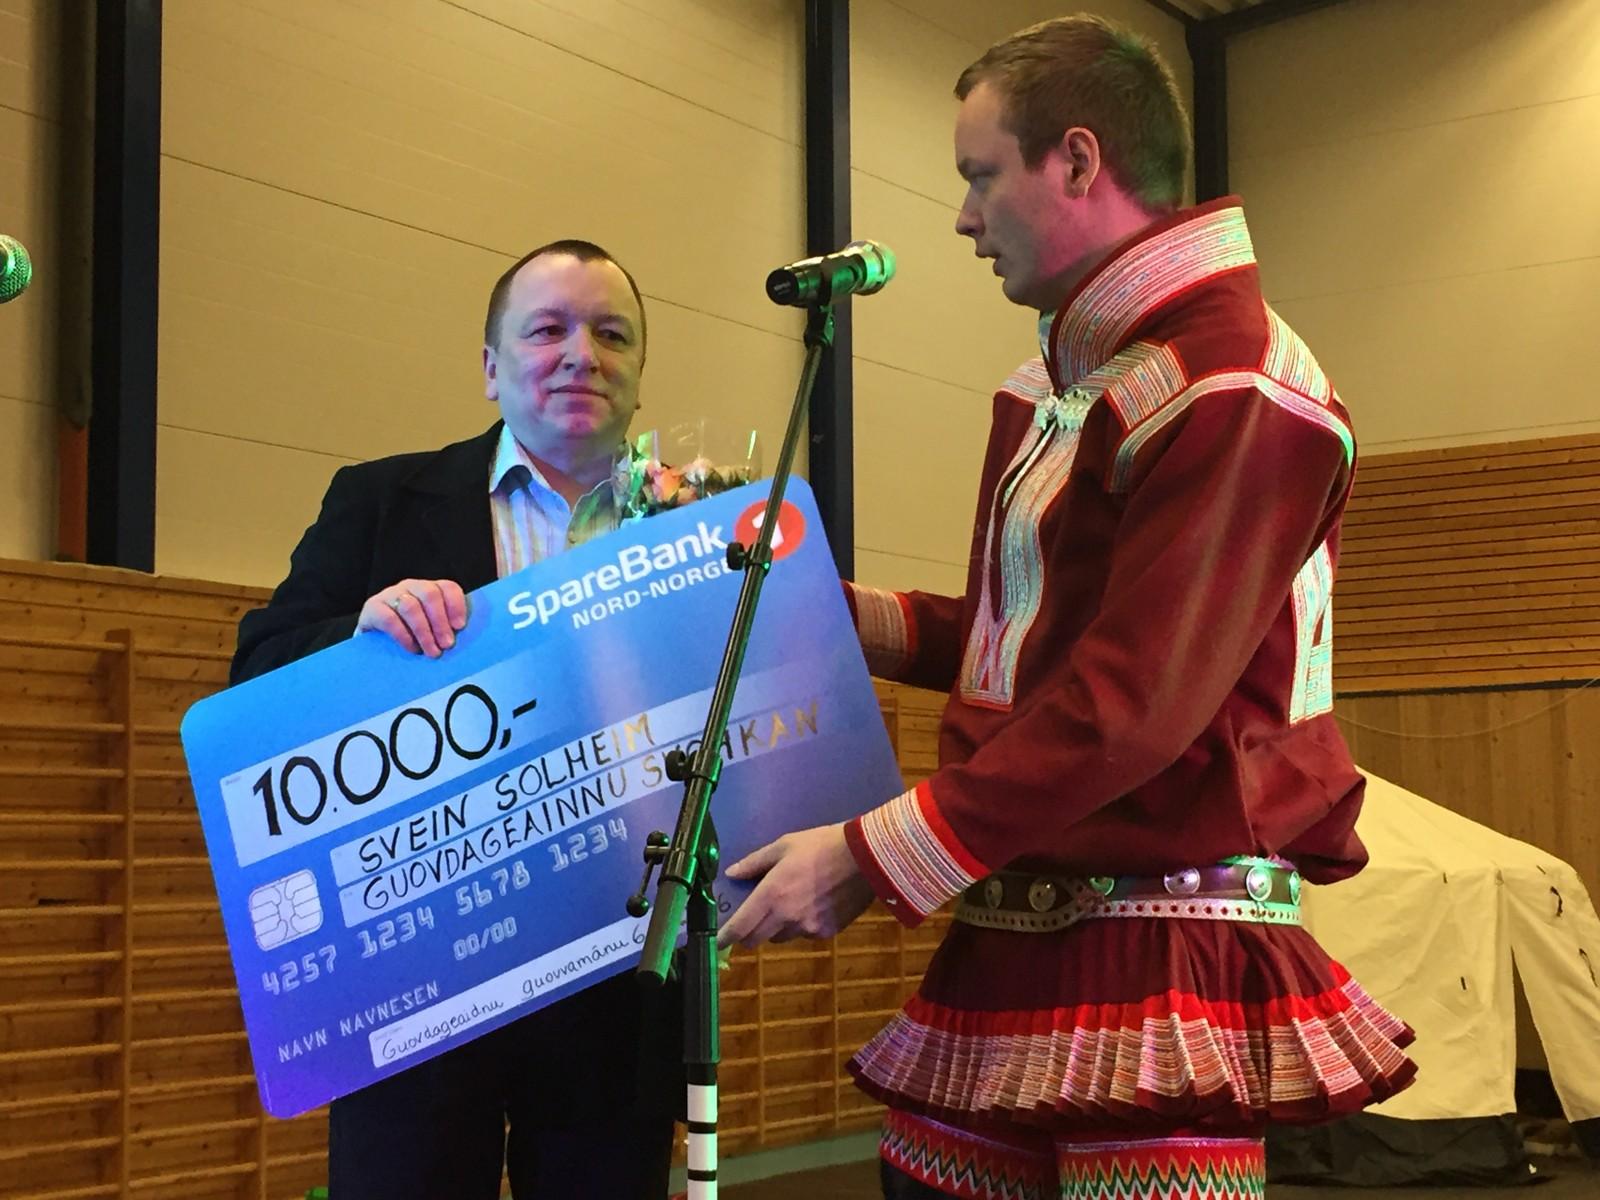 Svein Solheim fikk Kautokeino kommunes kulturpris for sitt arbeid med å samle gamle bilder fra Kautokeino. Han hadde også utstilling med 200 gamle samiske postkort i Báktehárji.